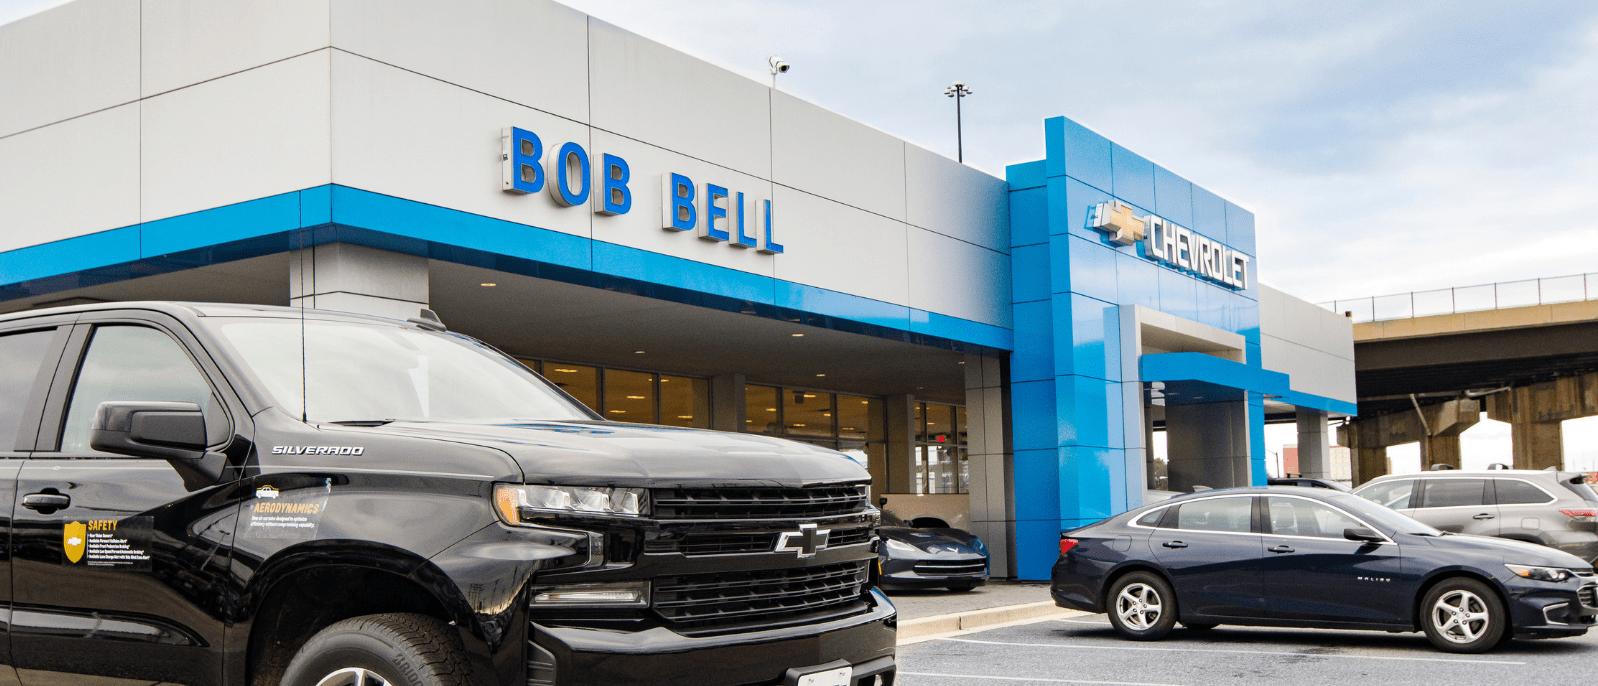 bob bell dealership